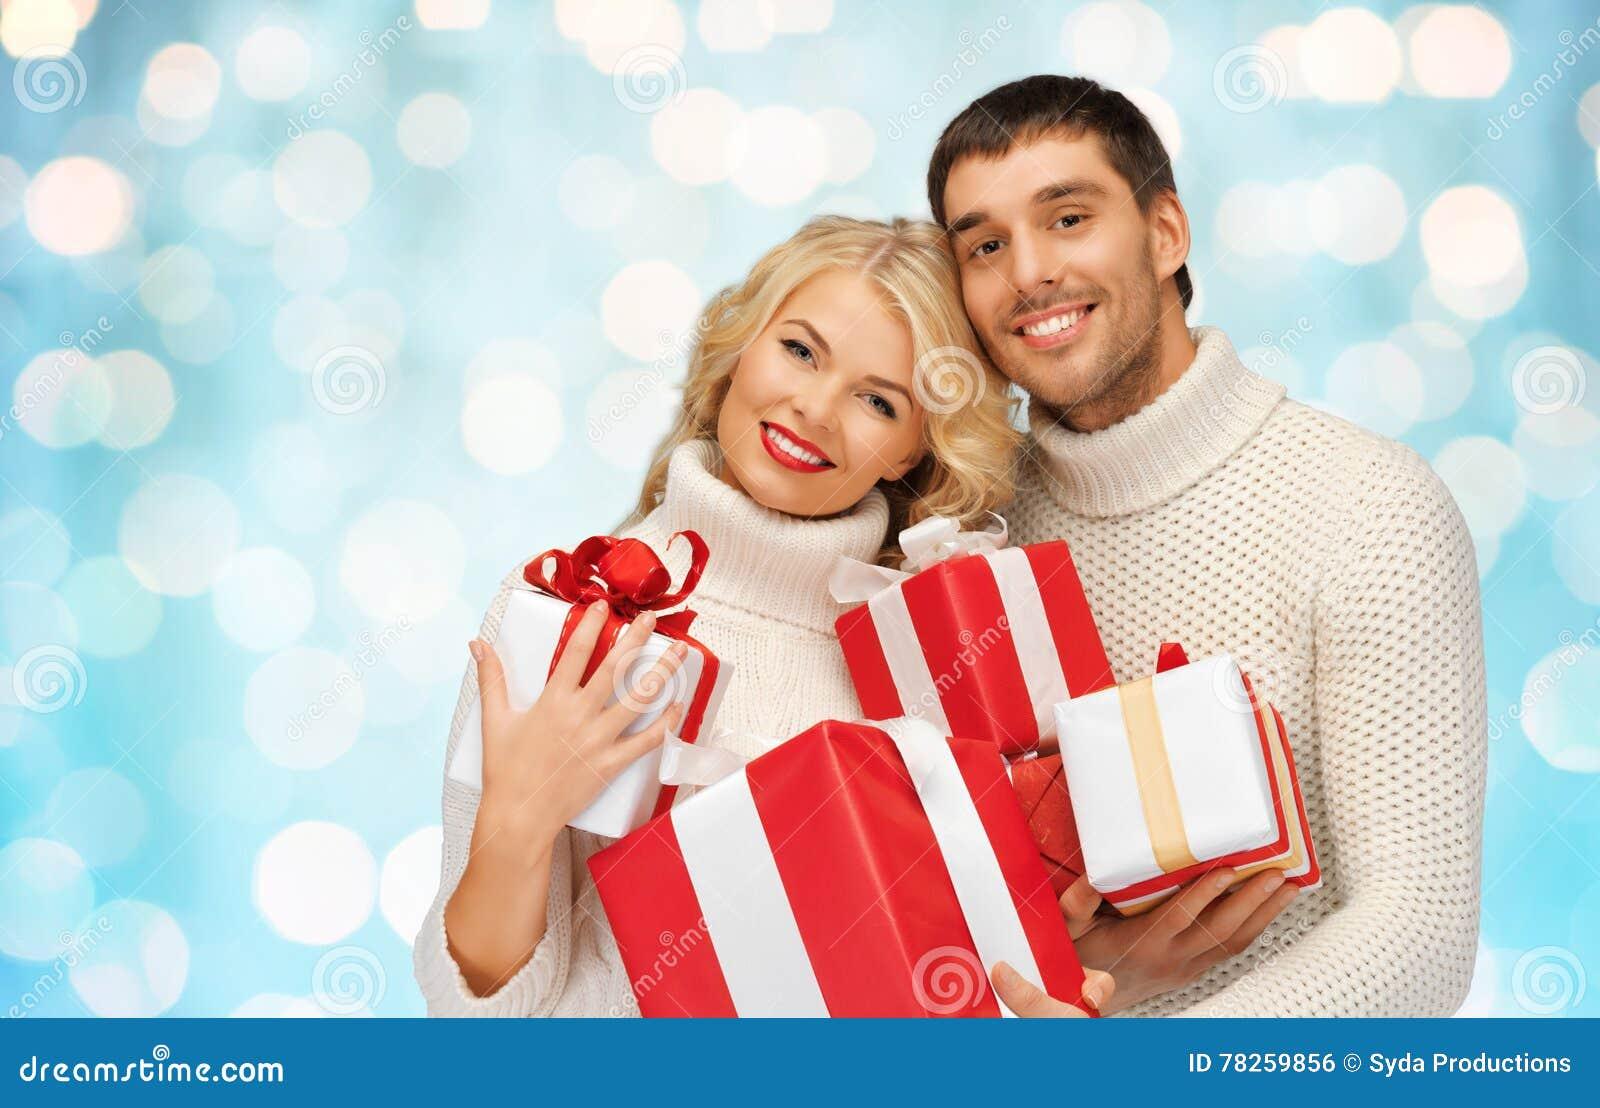 Ευτυχές ζεύγος στα πουλόβερ που κρατά τα δώρα Χριστουγέννων